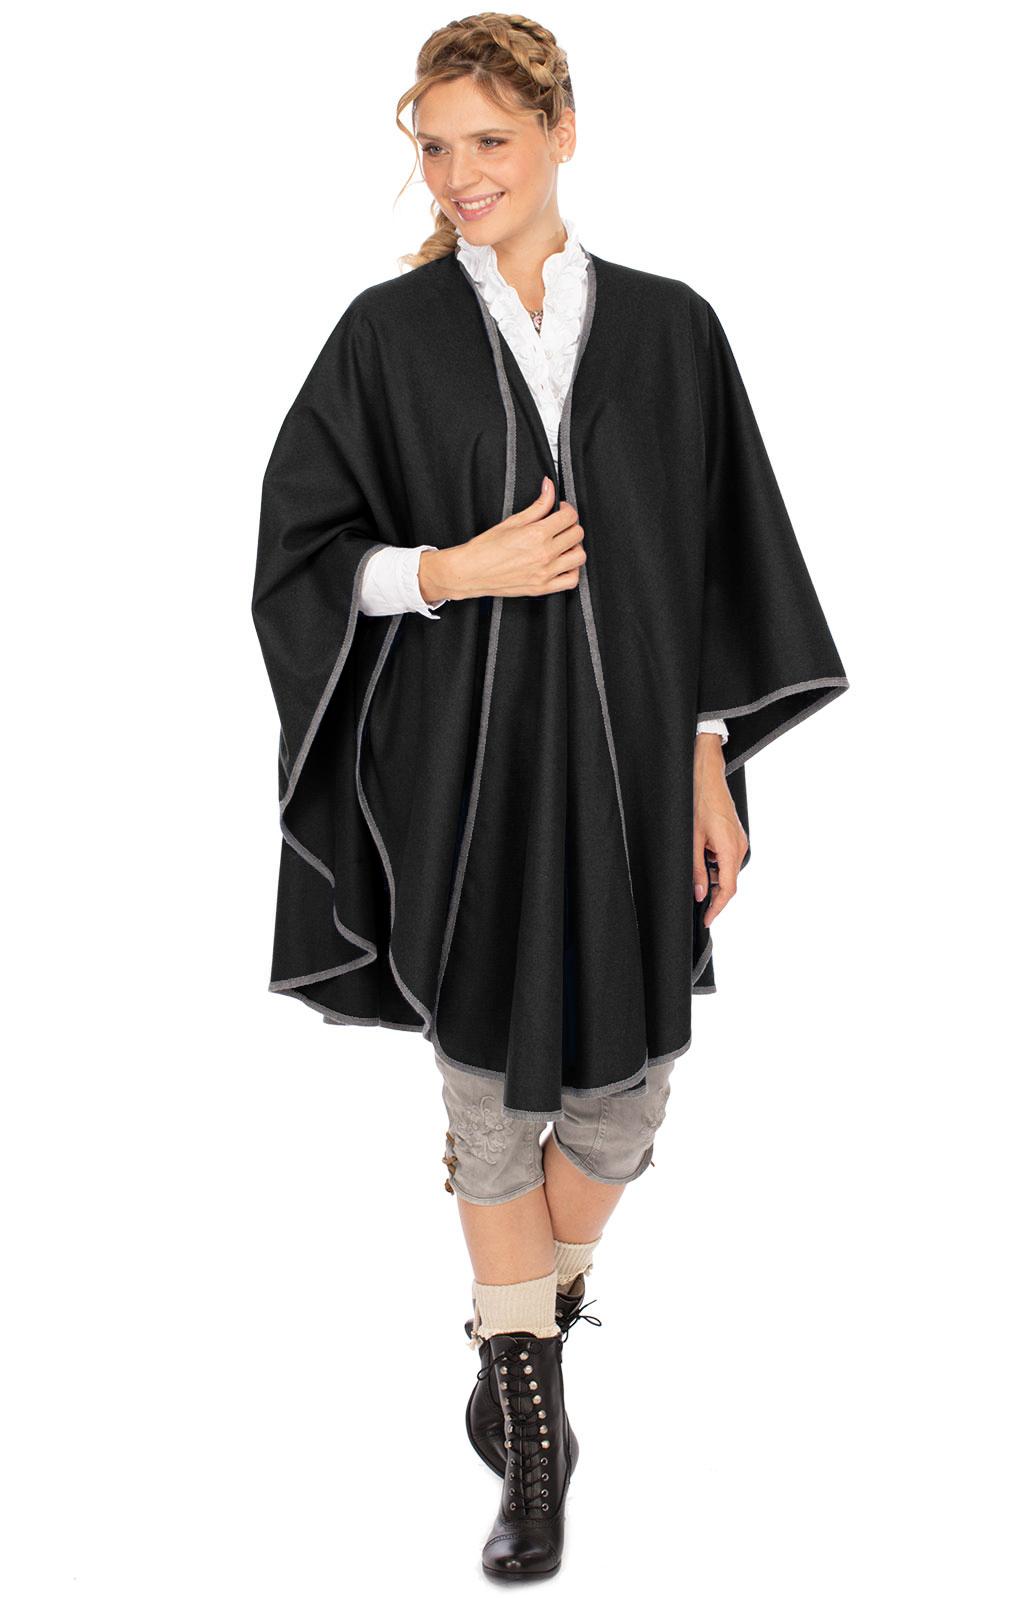 Costume del Capo THURN antracite von h.moser